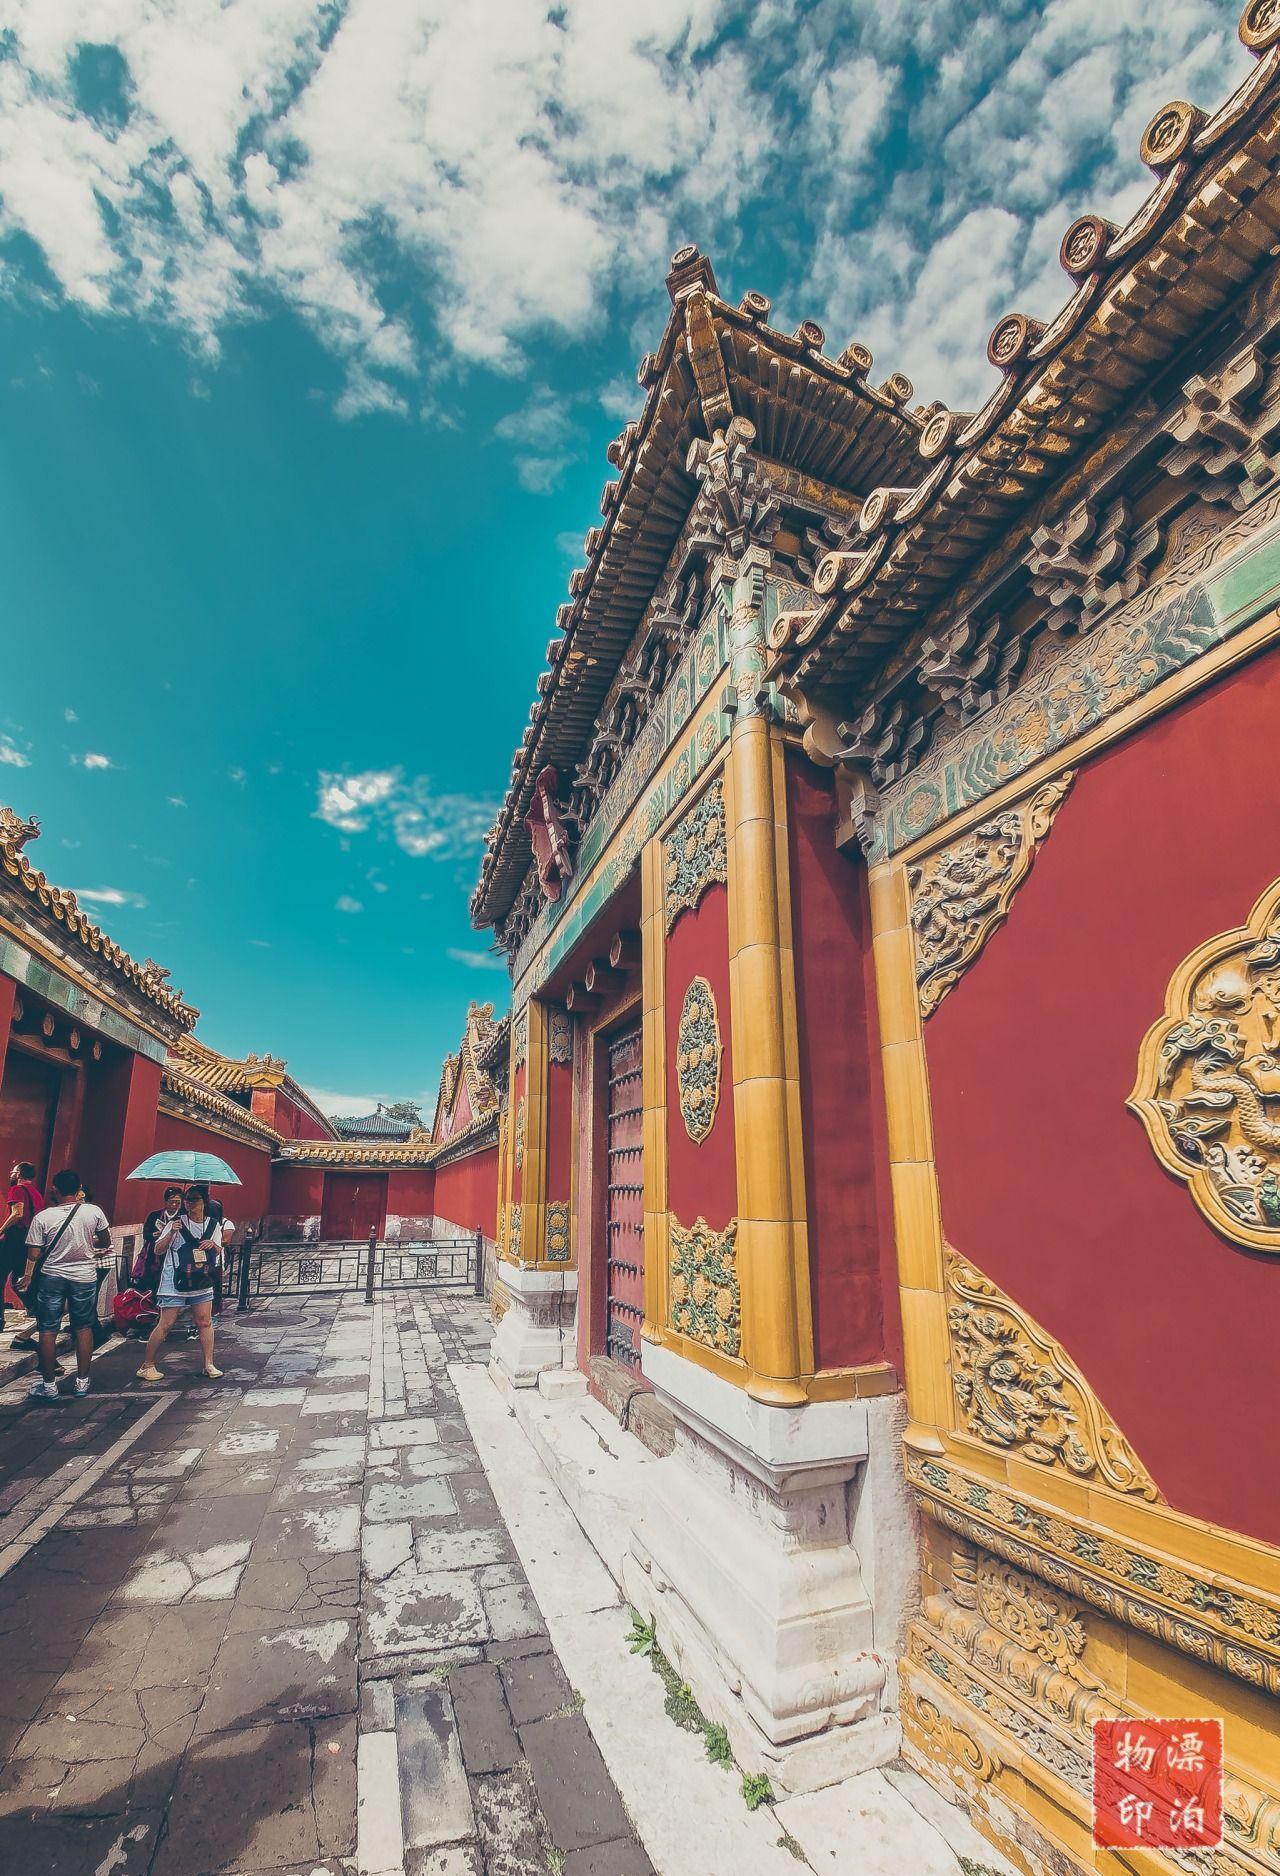 Streets of Forbidden City - Beijing Febr. 2008